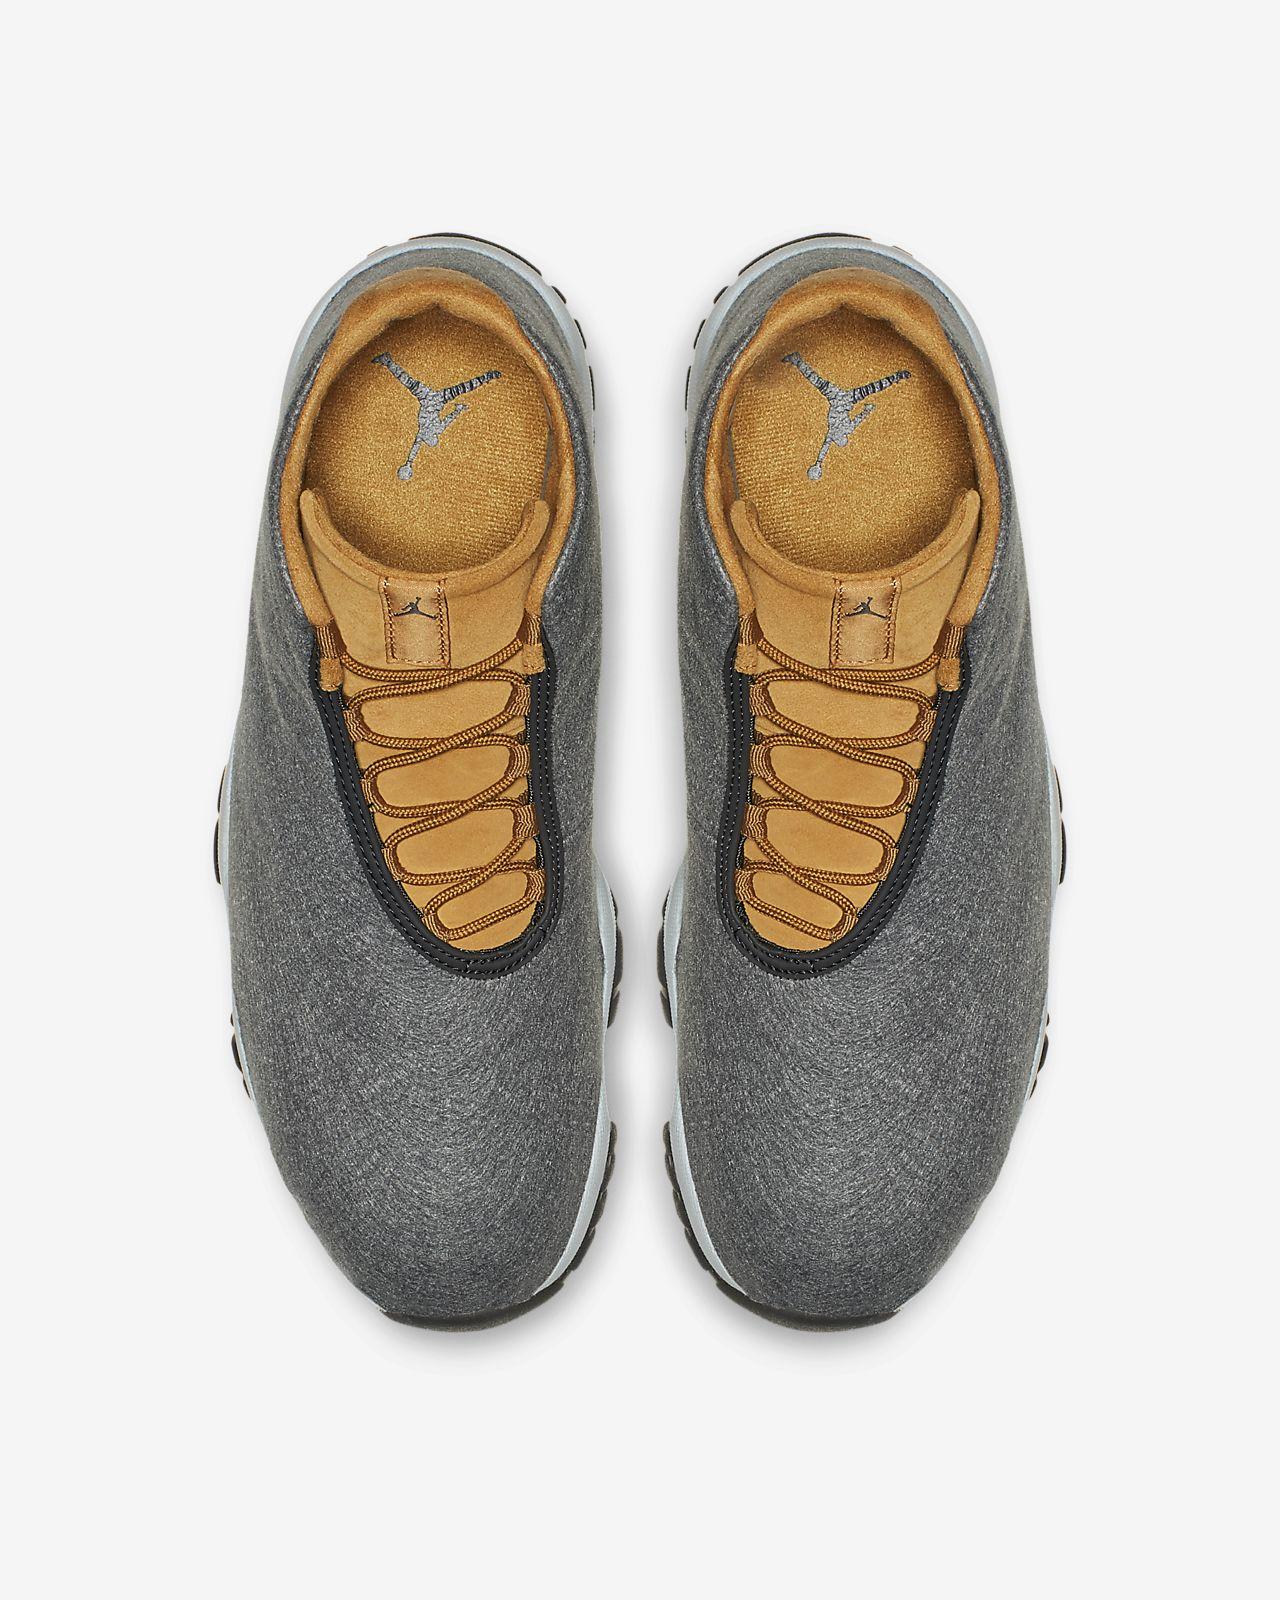 6dbe9b226215ad Air Jordan Future Men s Shoe. Nike.com HU